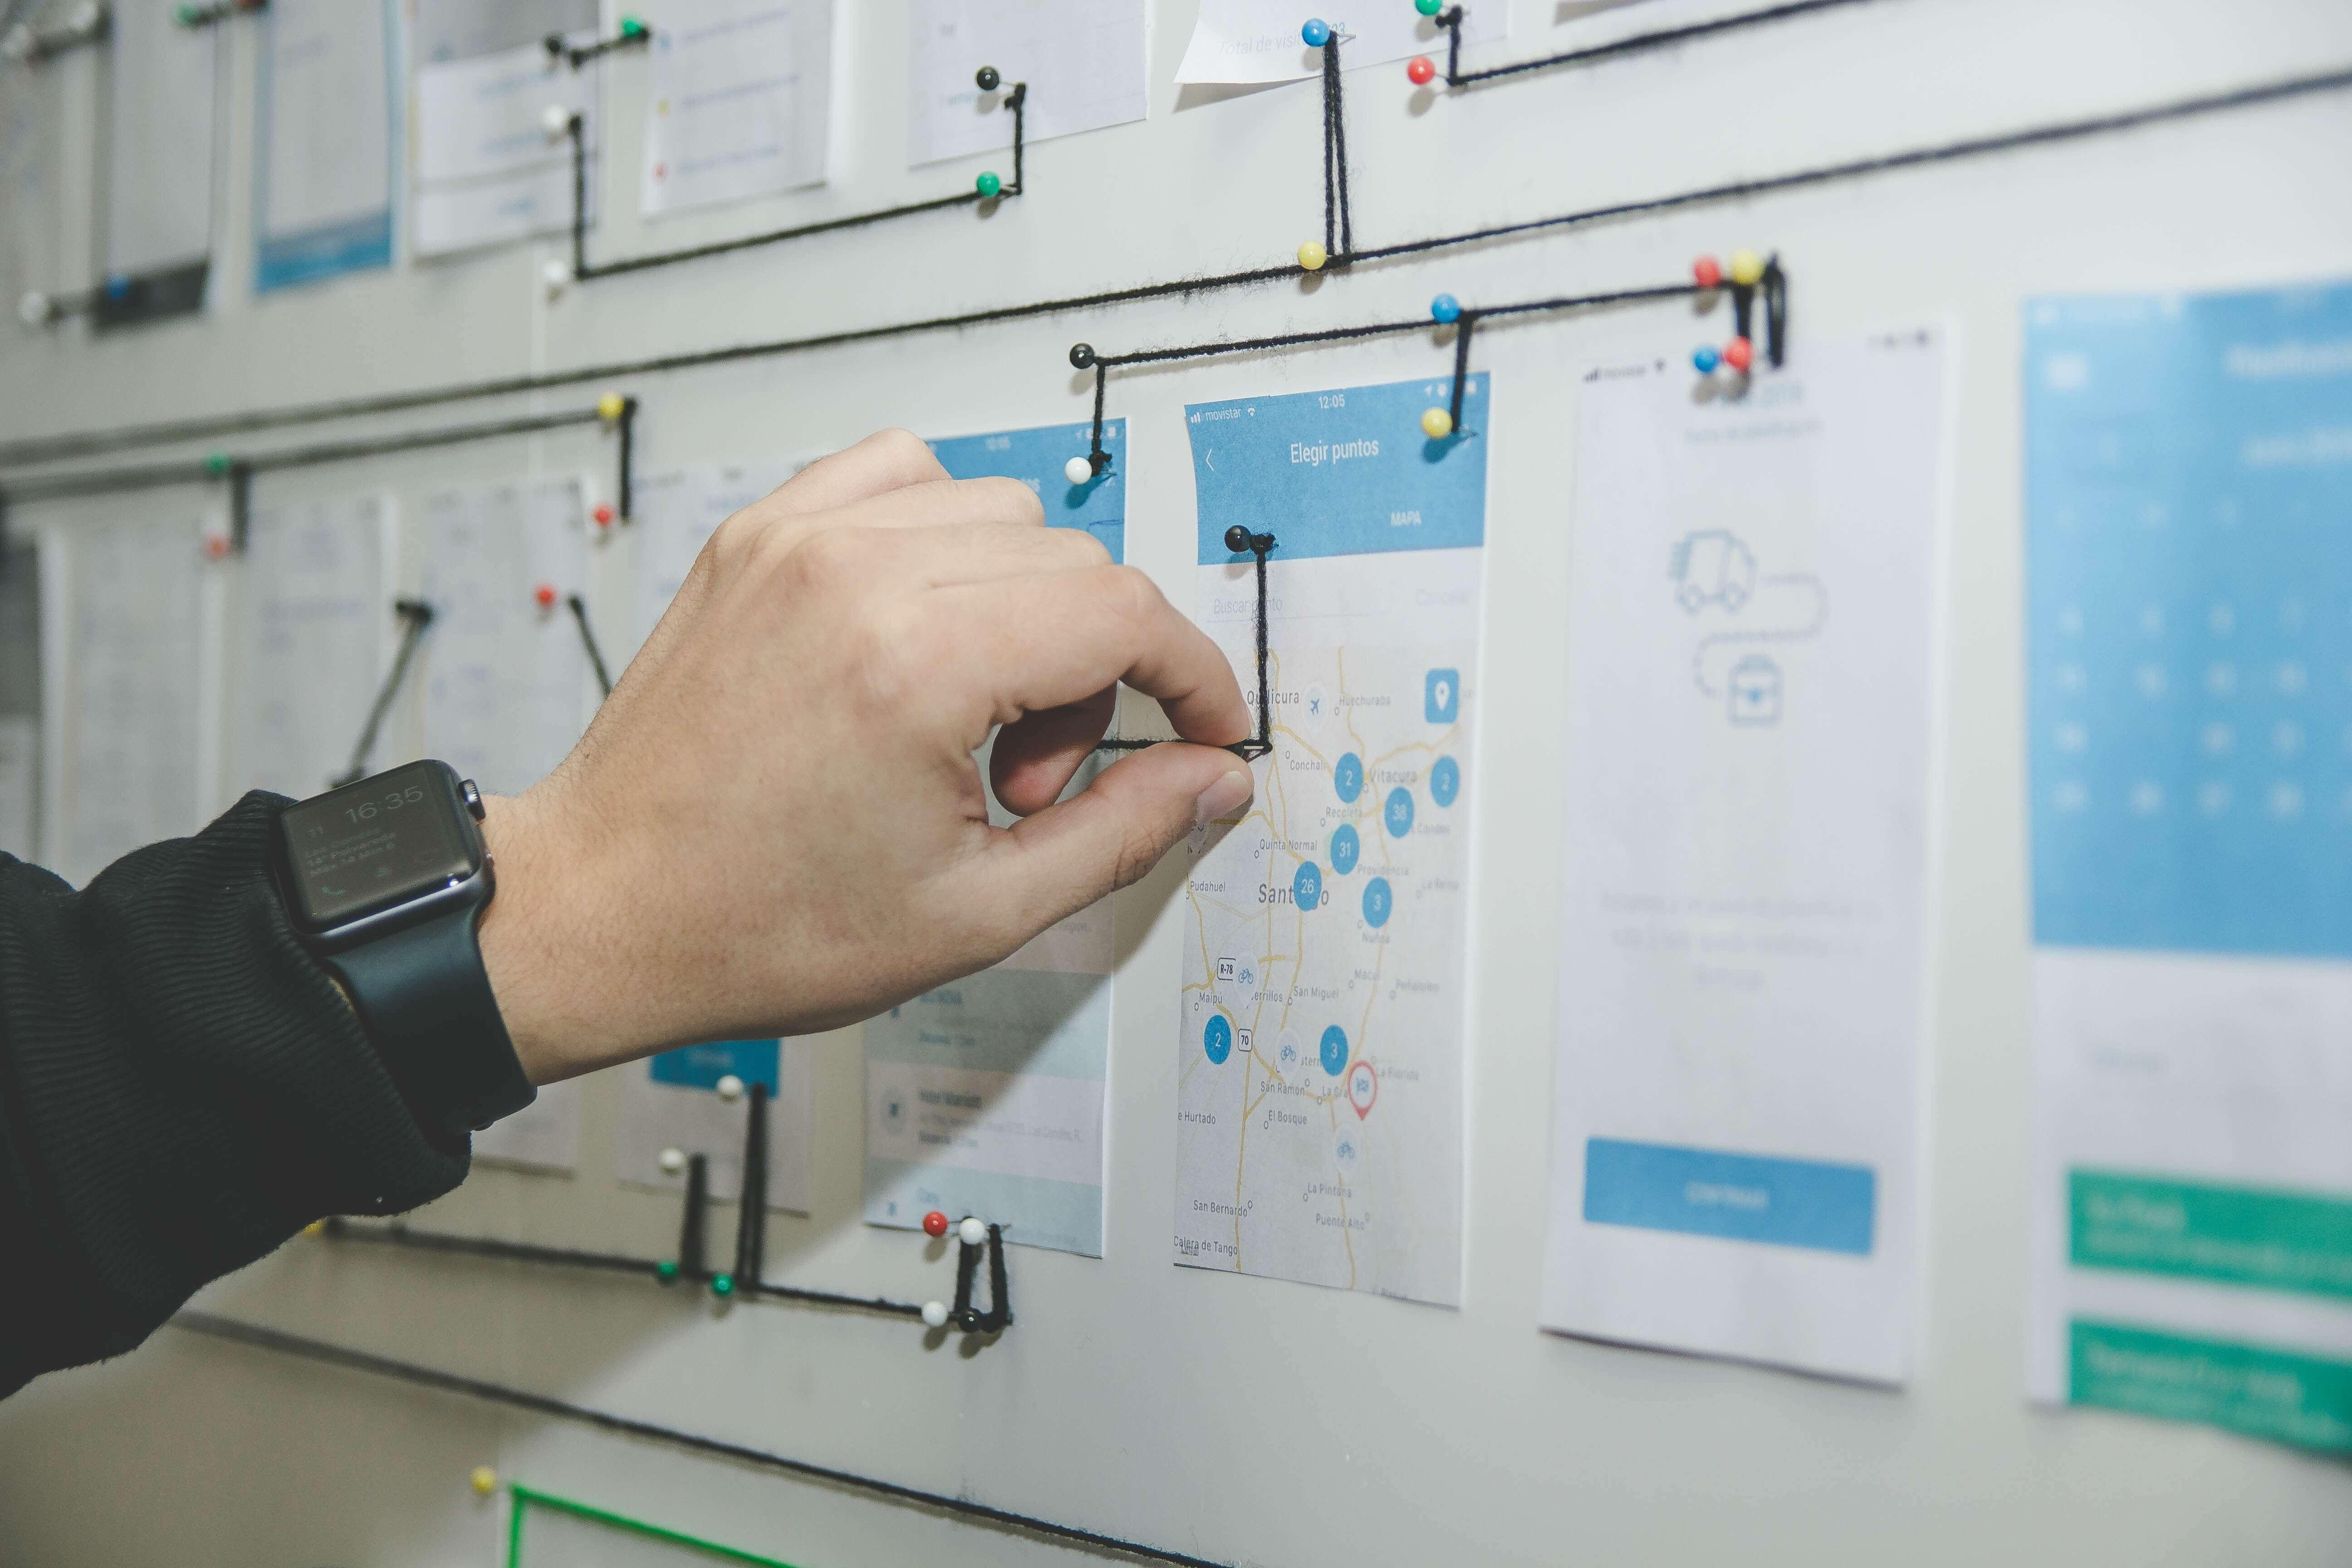 Consultoria empresarial: saiba como ela pode ajudar na gestão de pessoas